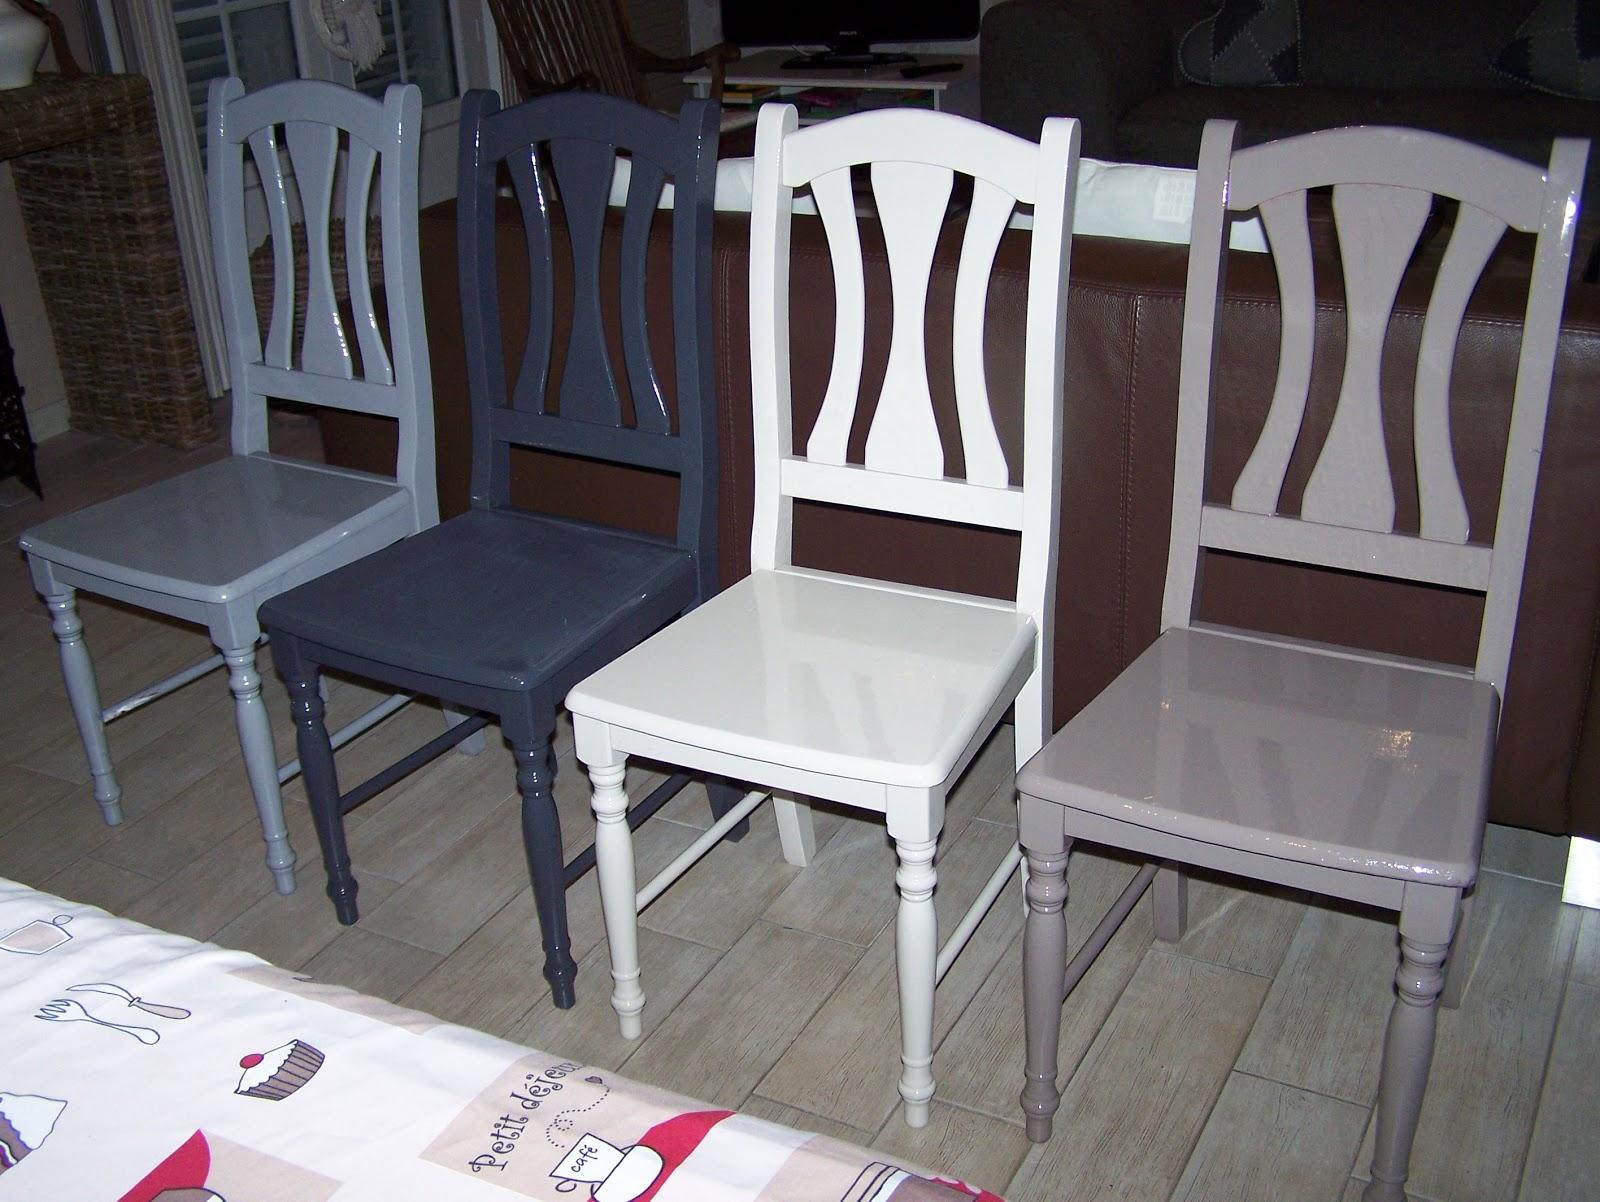 peinture sur meuble application laque gamme architecte effet chaul cours de. Black Bedroom Furniture Sets. Home Design Ideas